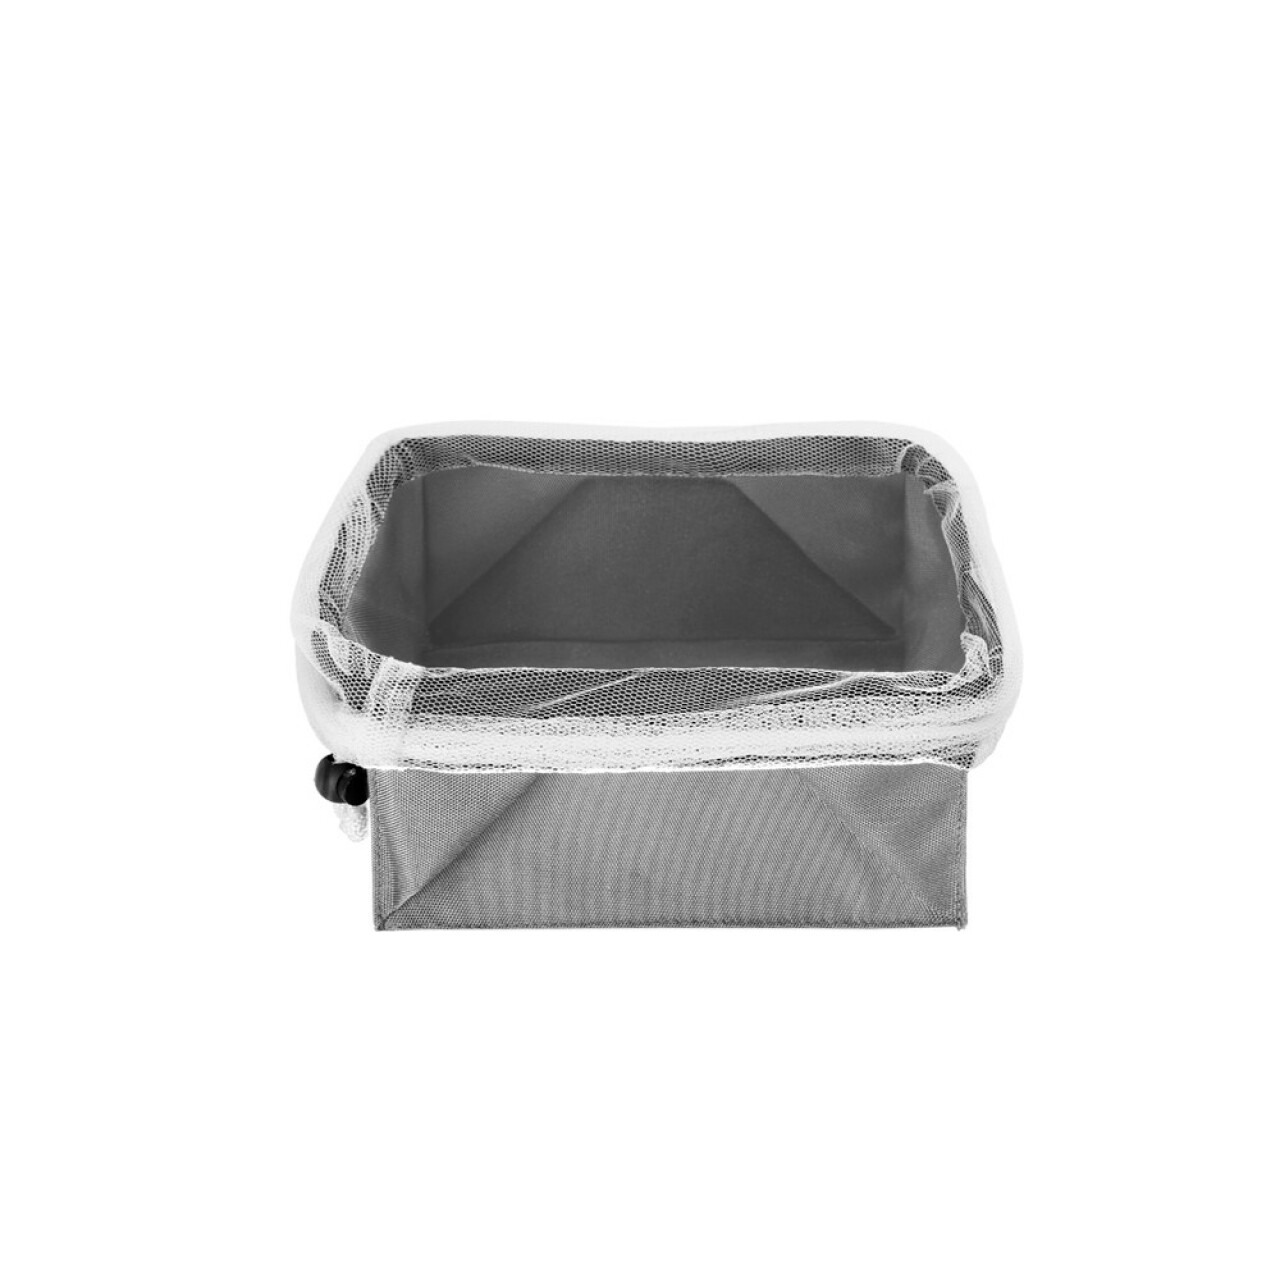 Cutie pliabila pentru depozitare Metaltex, 18 x 18 cm, poliester/poliamida, gri